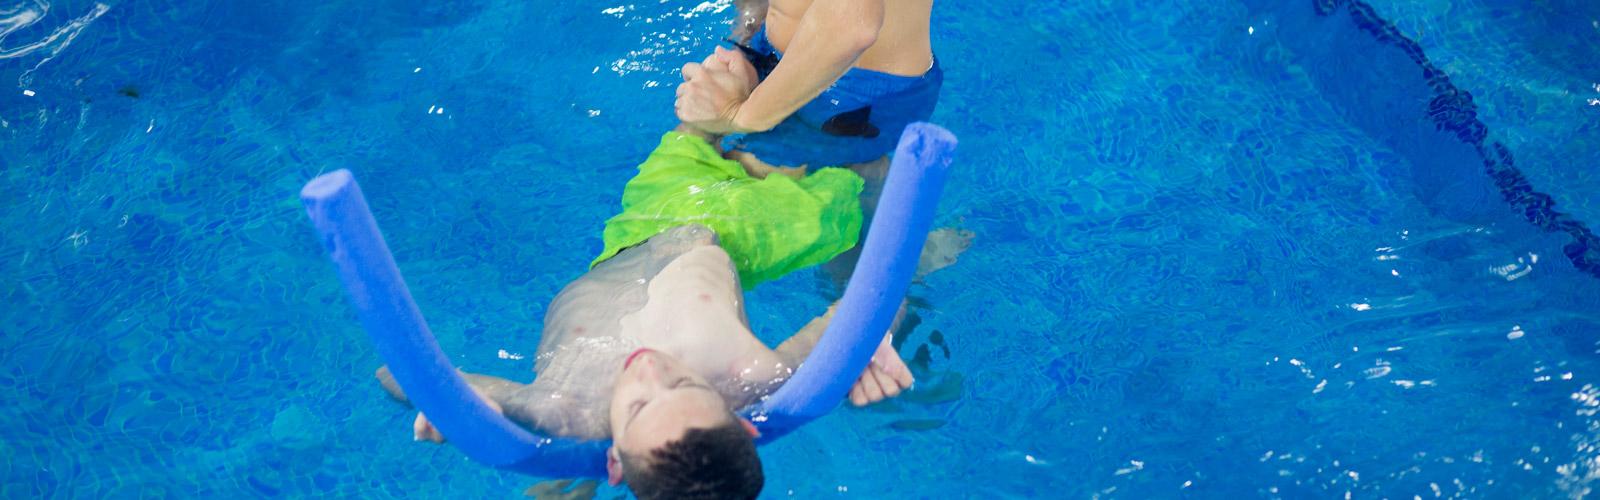 Fisioterapia y actividades acuáticas